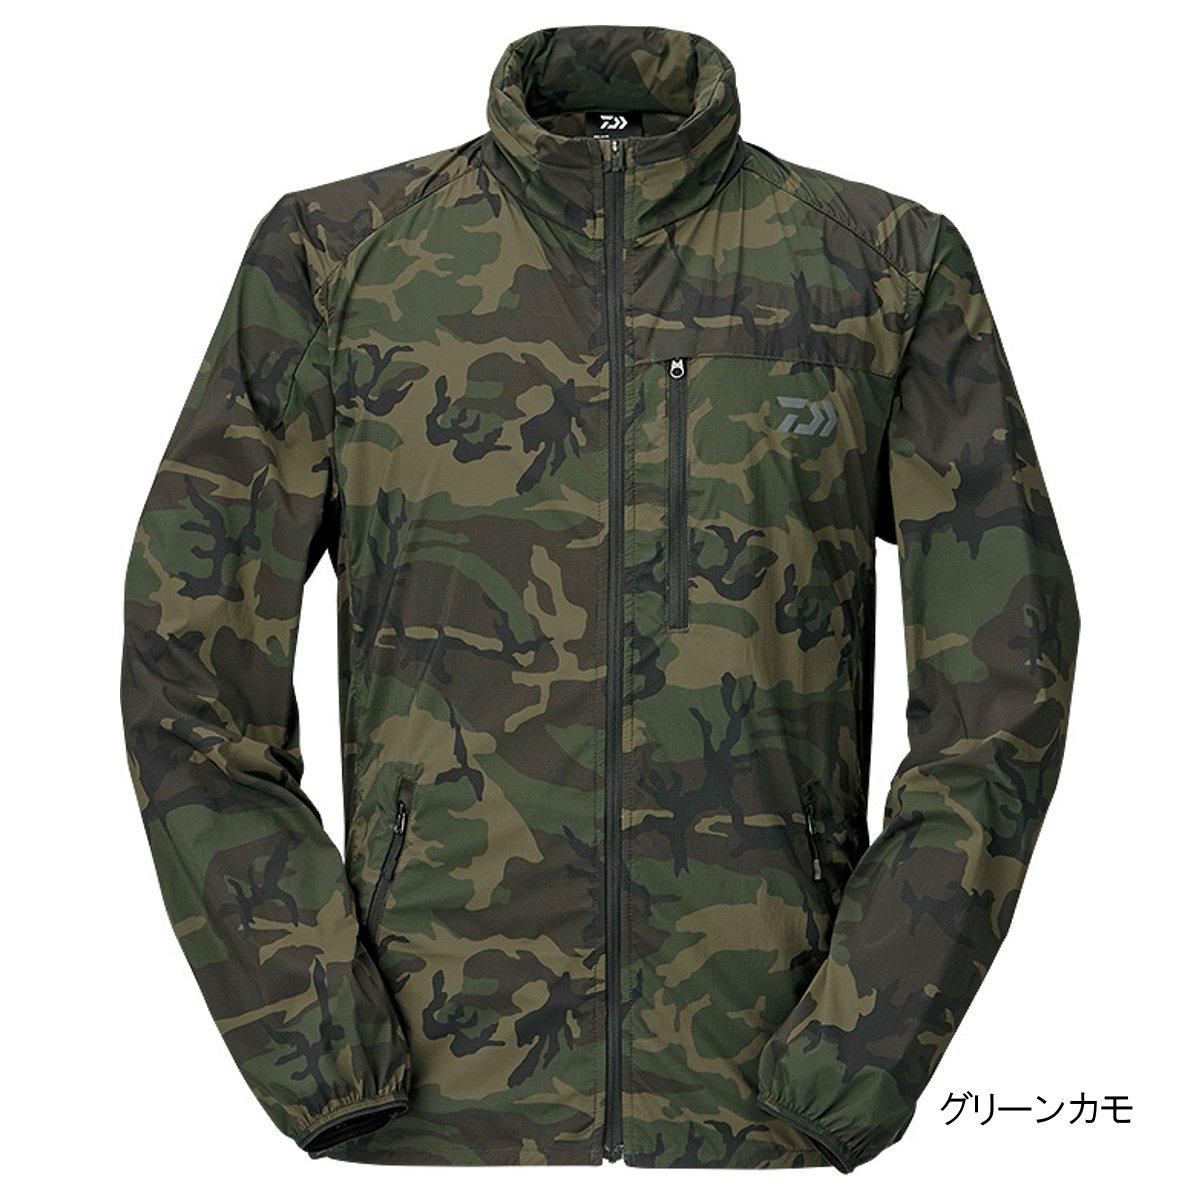 ダイワ ポケッタブルウィンドジャケット DJ-33009 XL グリーンカモ【送料無料】